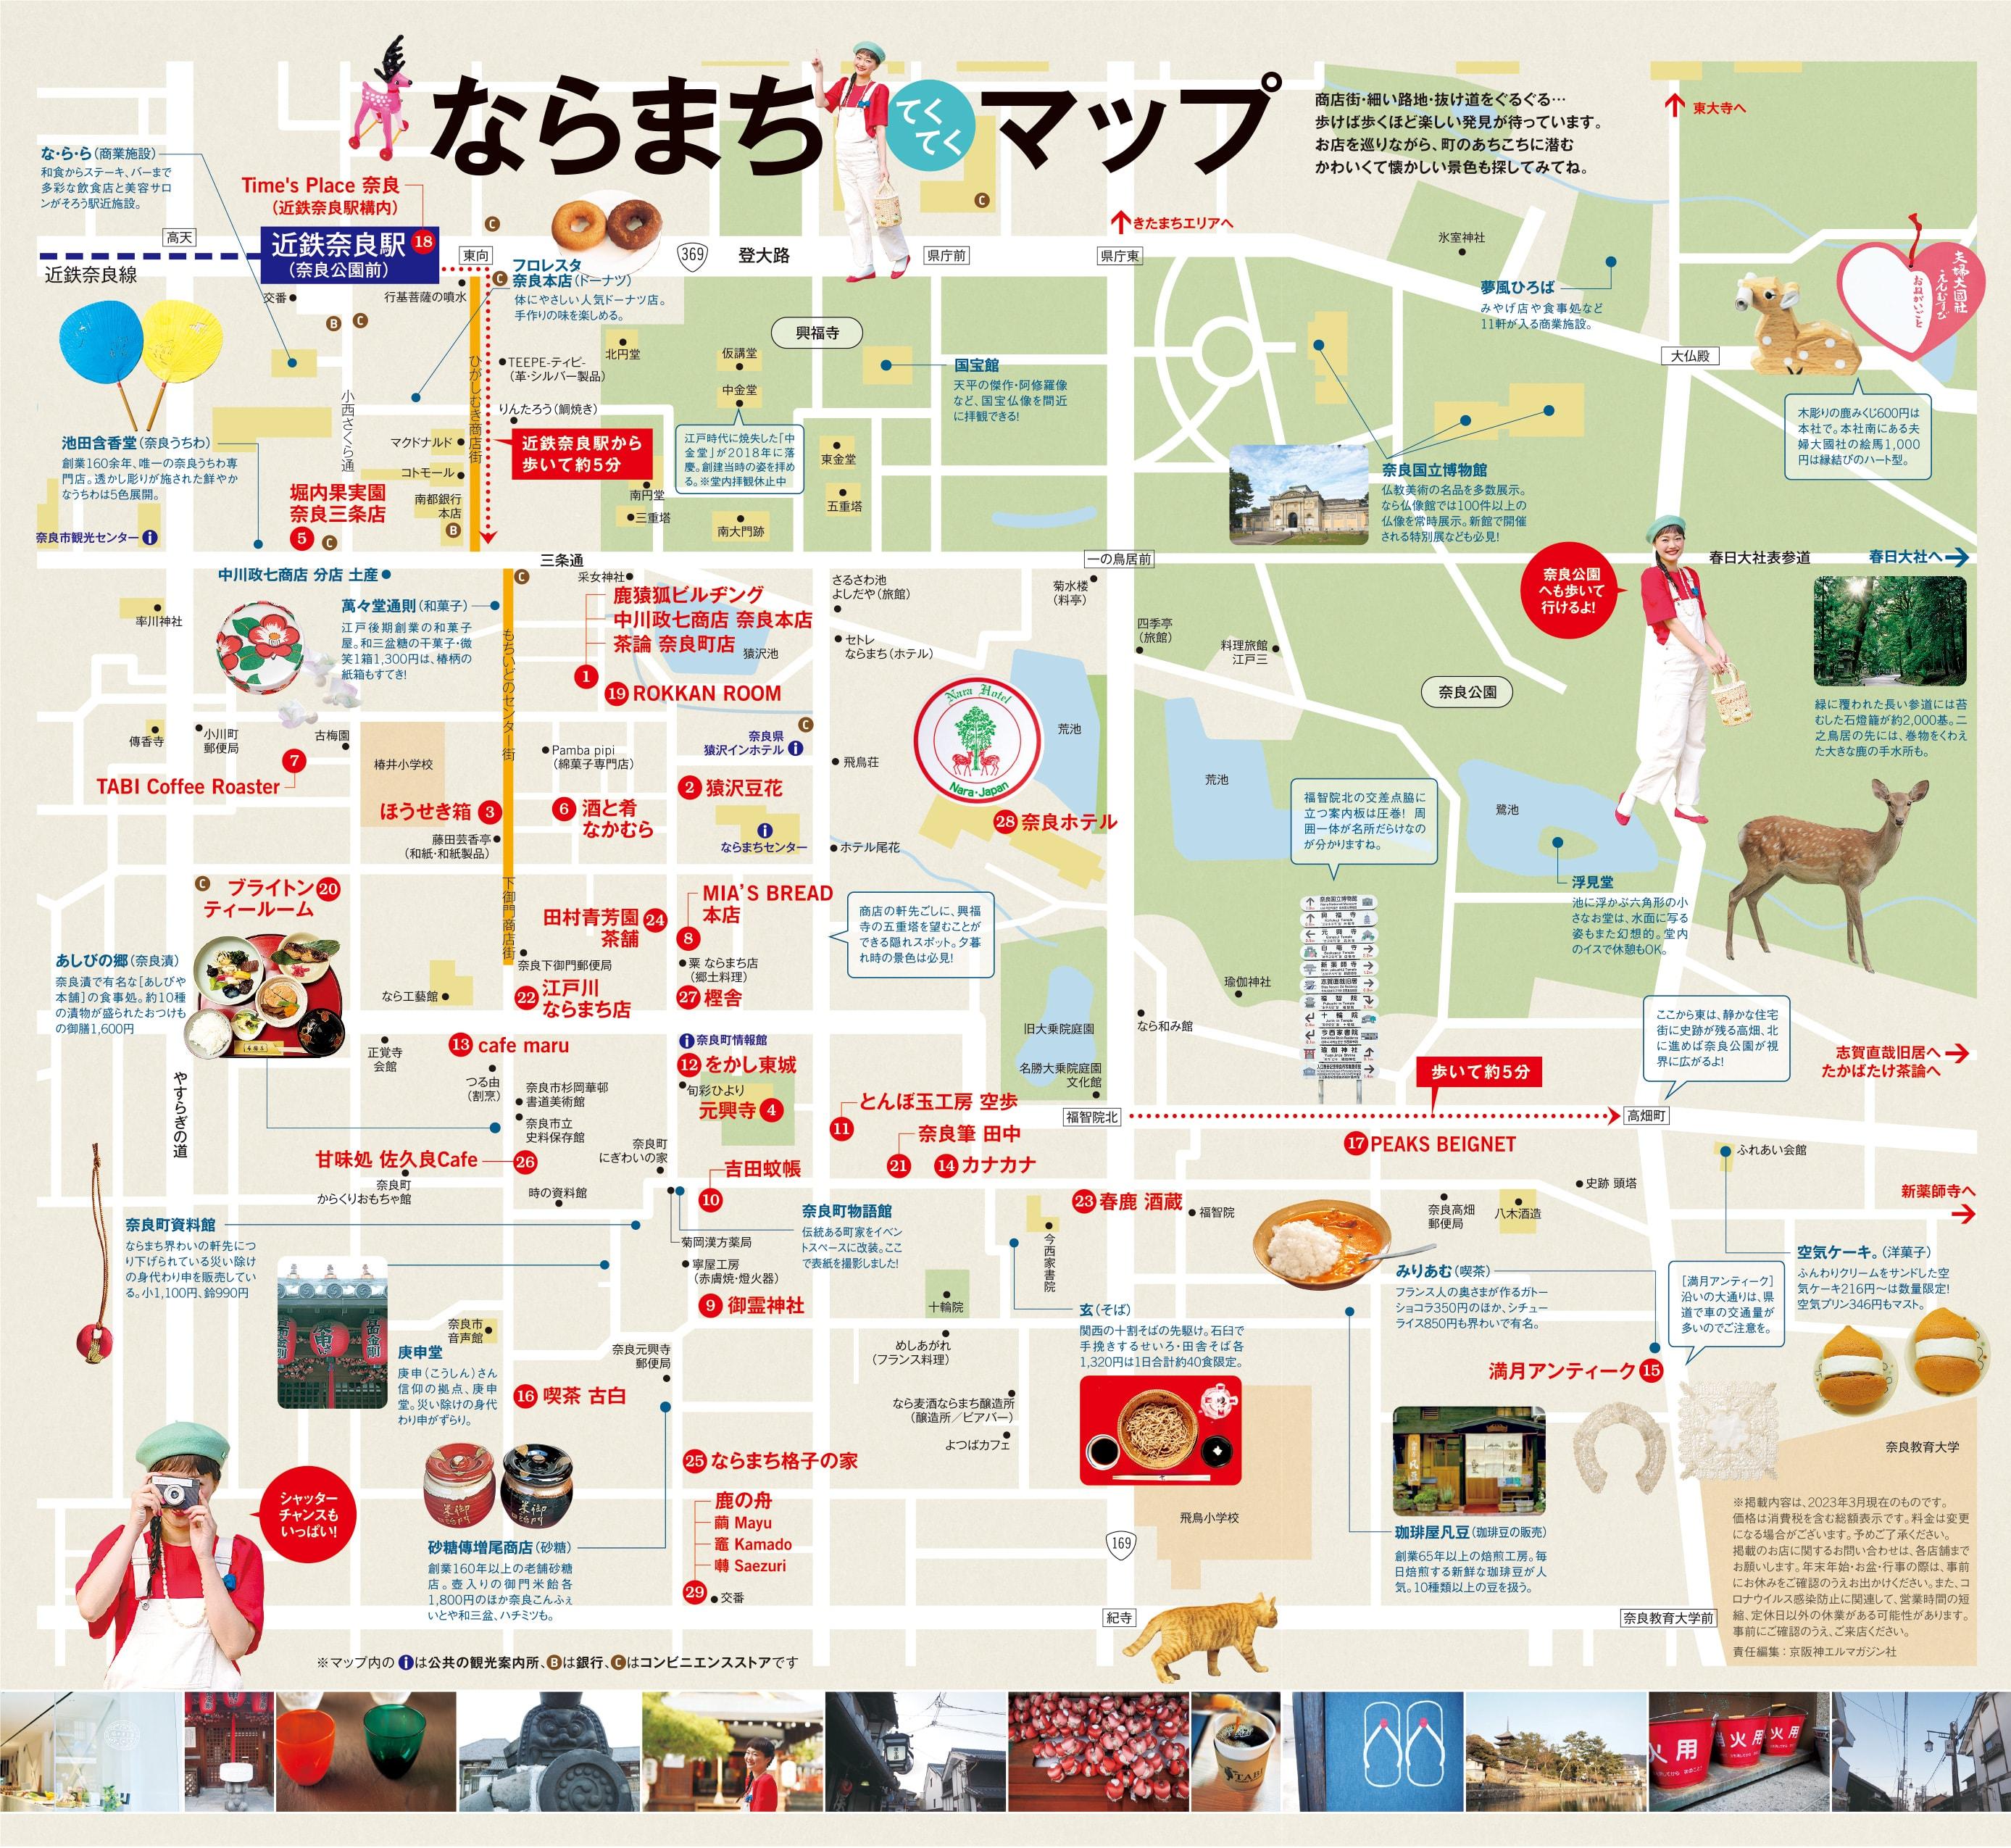 ならまち お散歩マップ | 近鉄×Lmaga.co | 奈良大和路